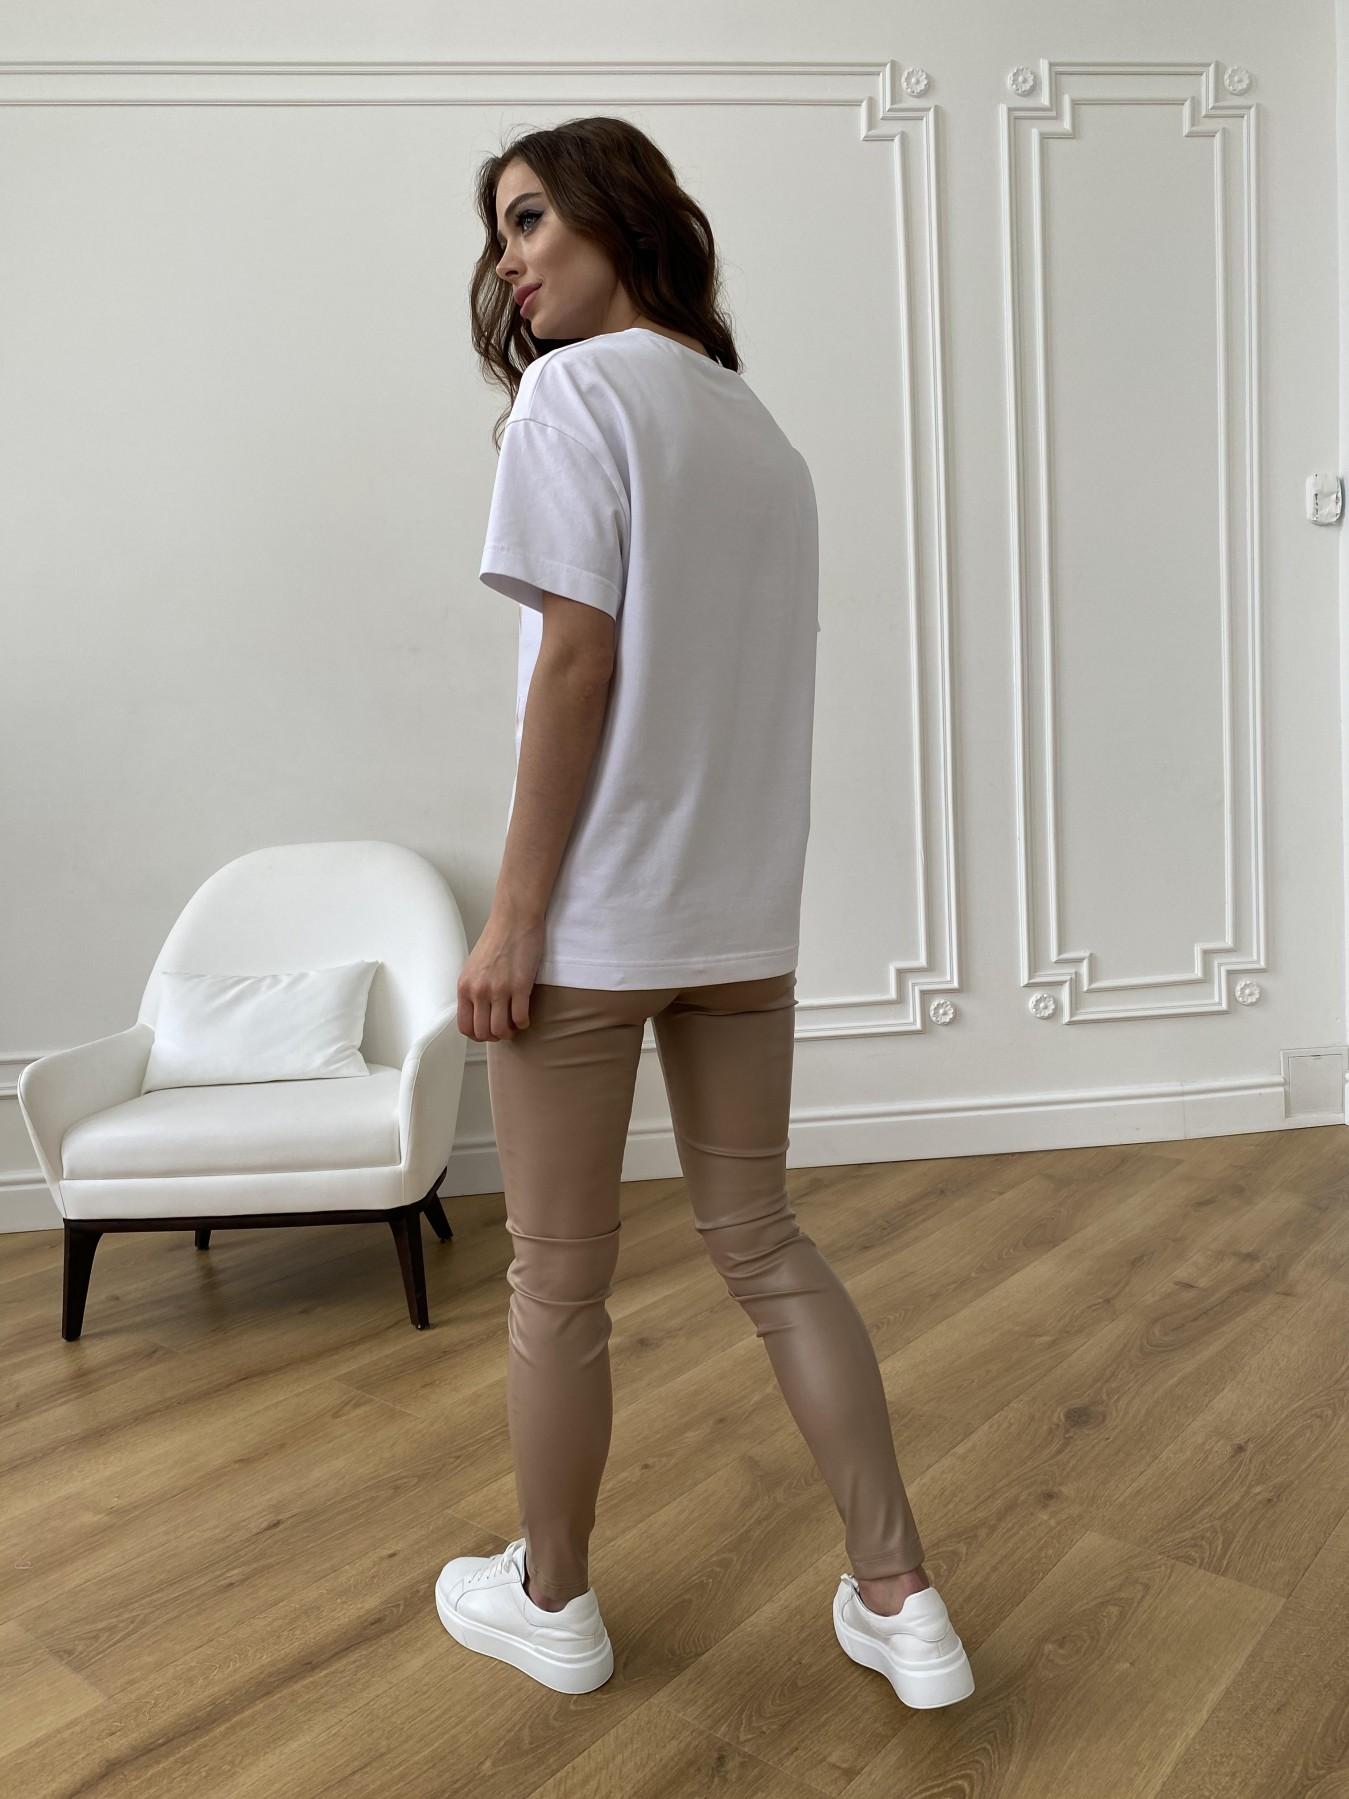 Лове футболка из вискозы однотонная хлопок 11176 АРТ. 47664 Цвет: Белый - фото 7, интернет магазин tm-modus.ru